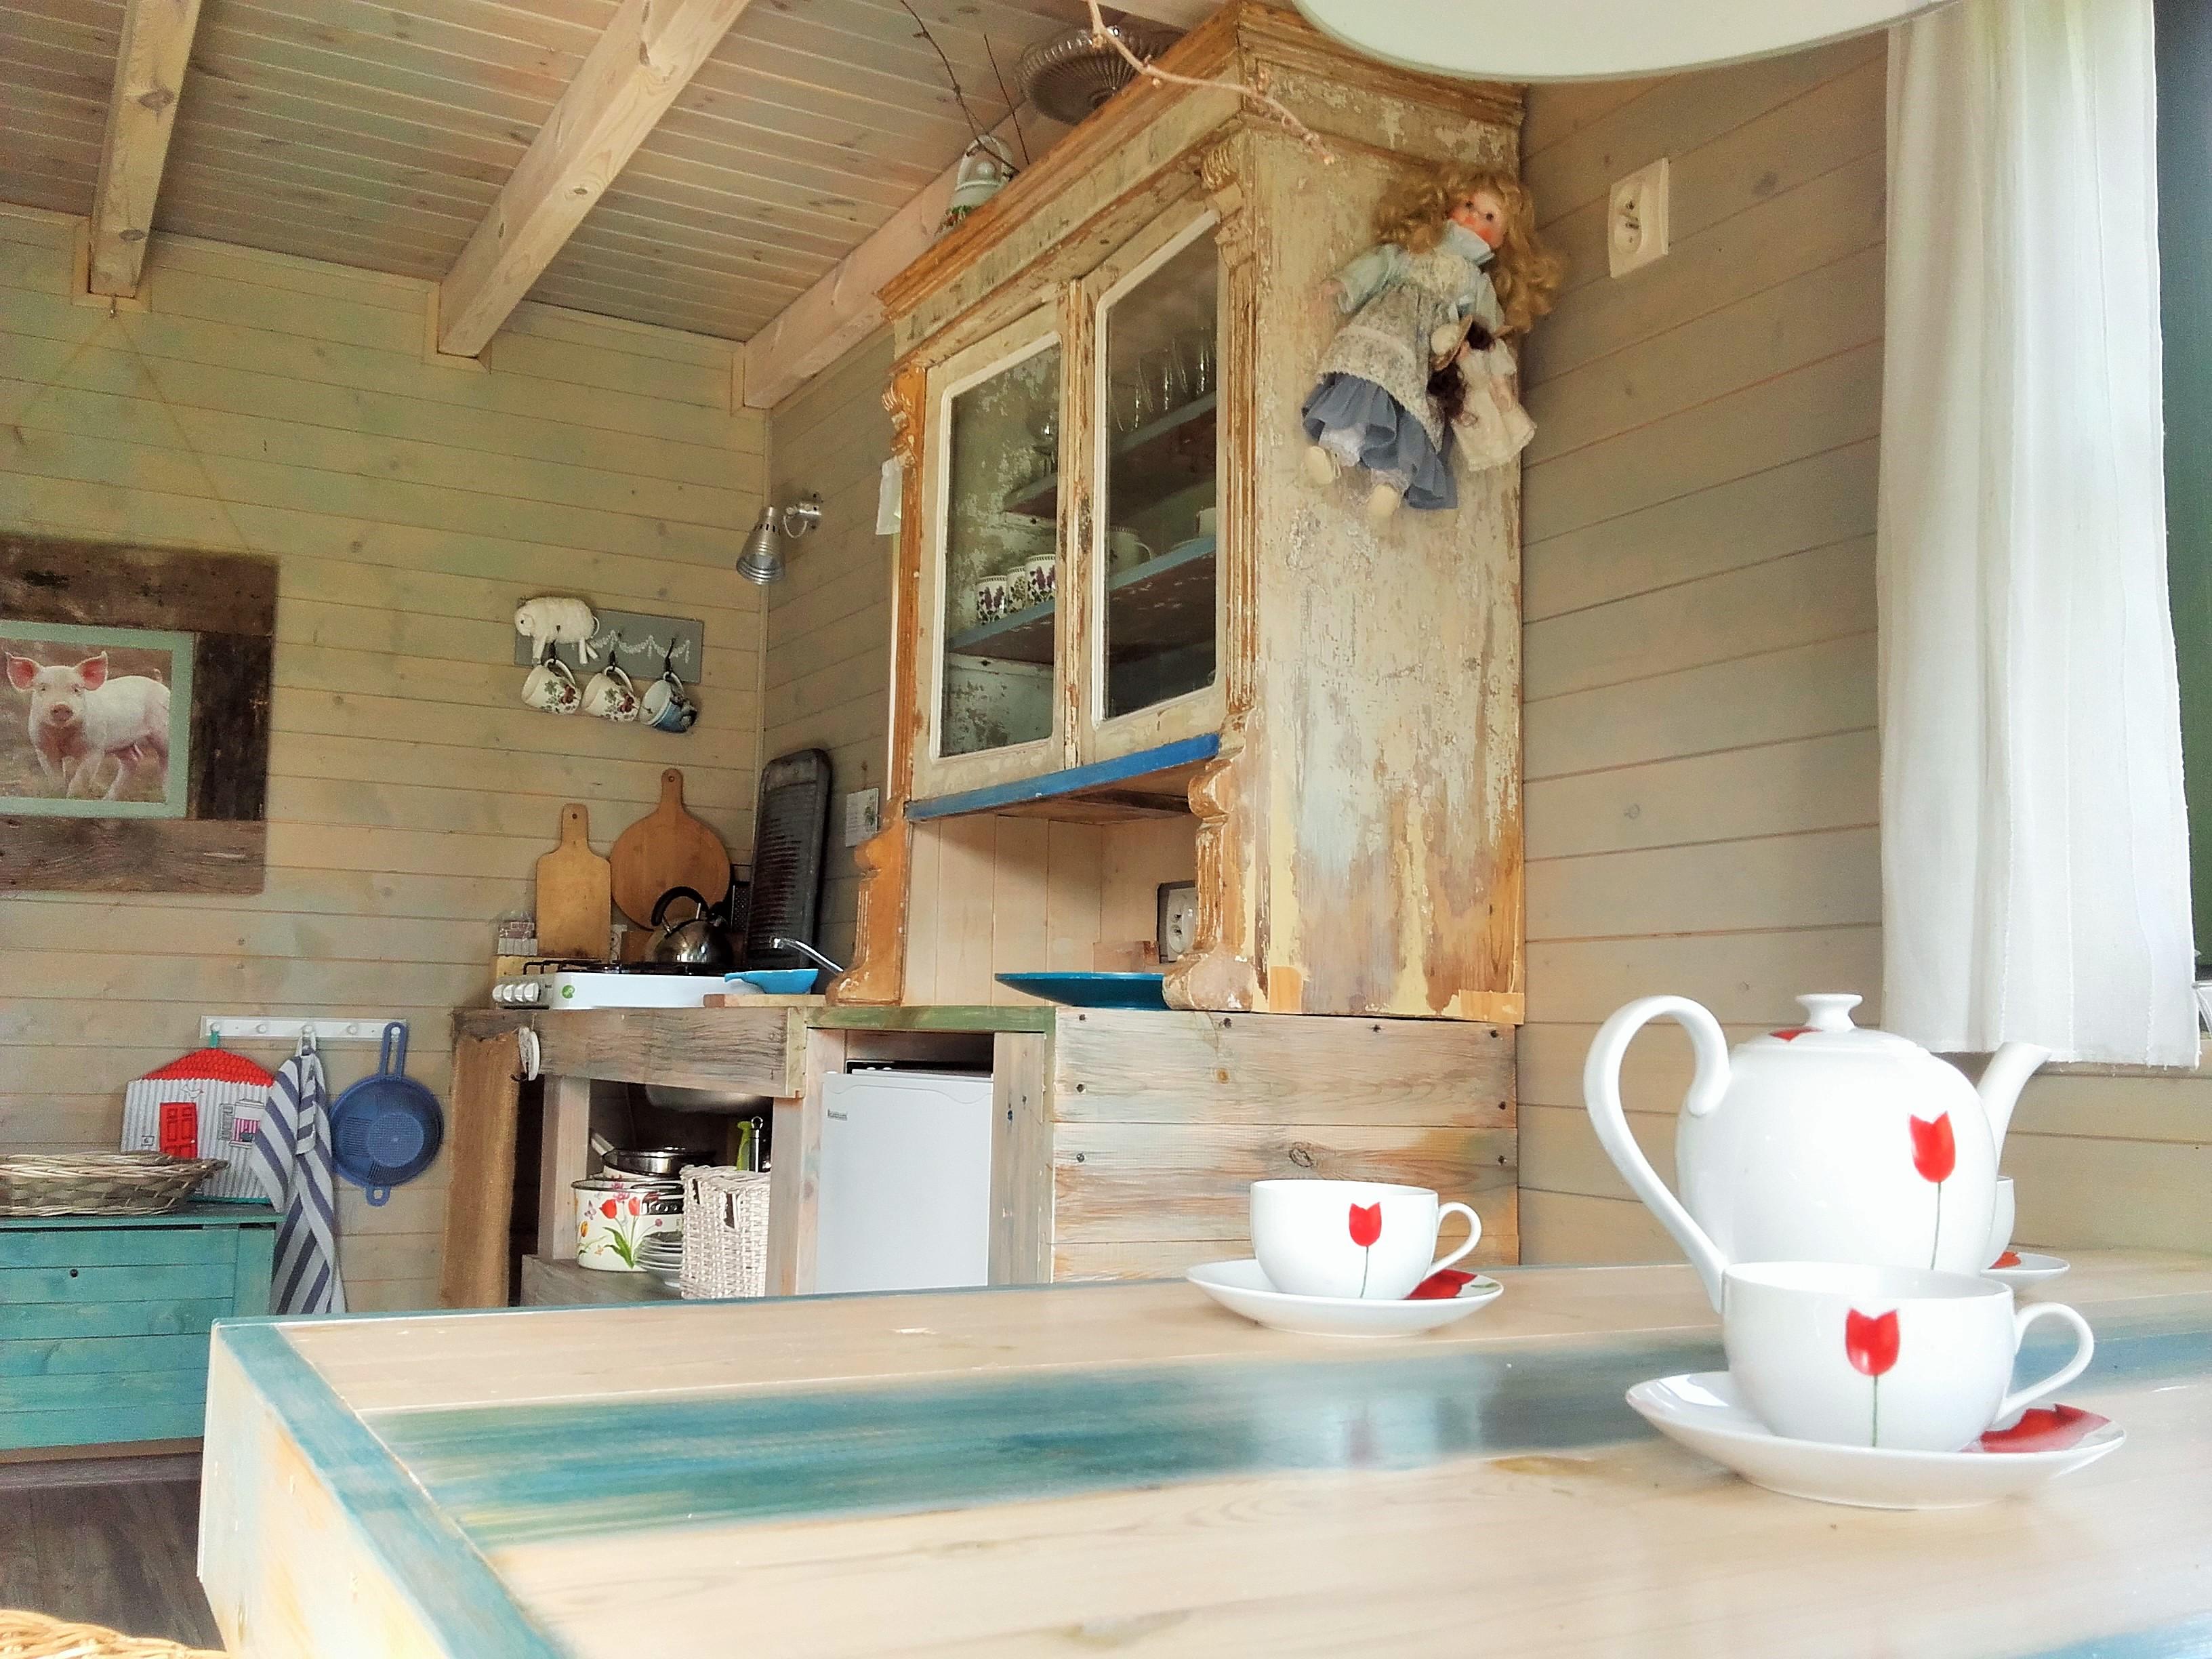 Noclegi na Mazurach, Kal, domki z bali drewnianych, kuchnia